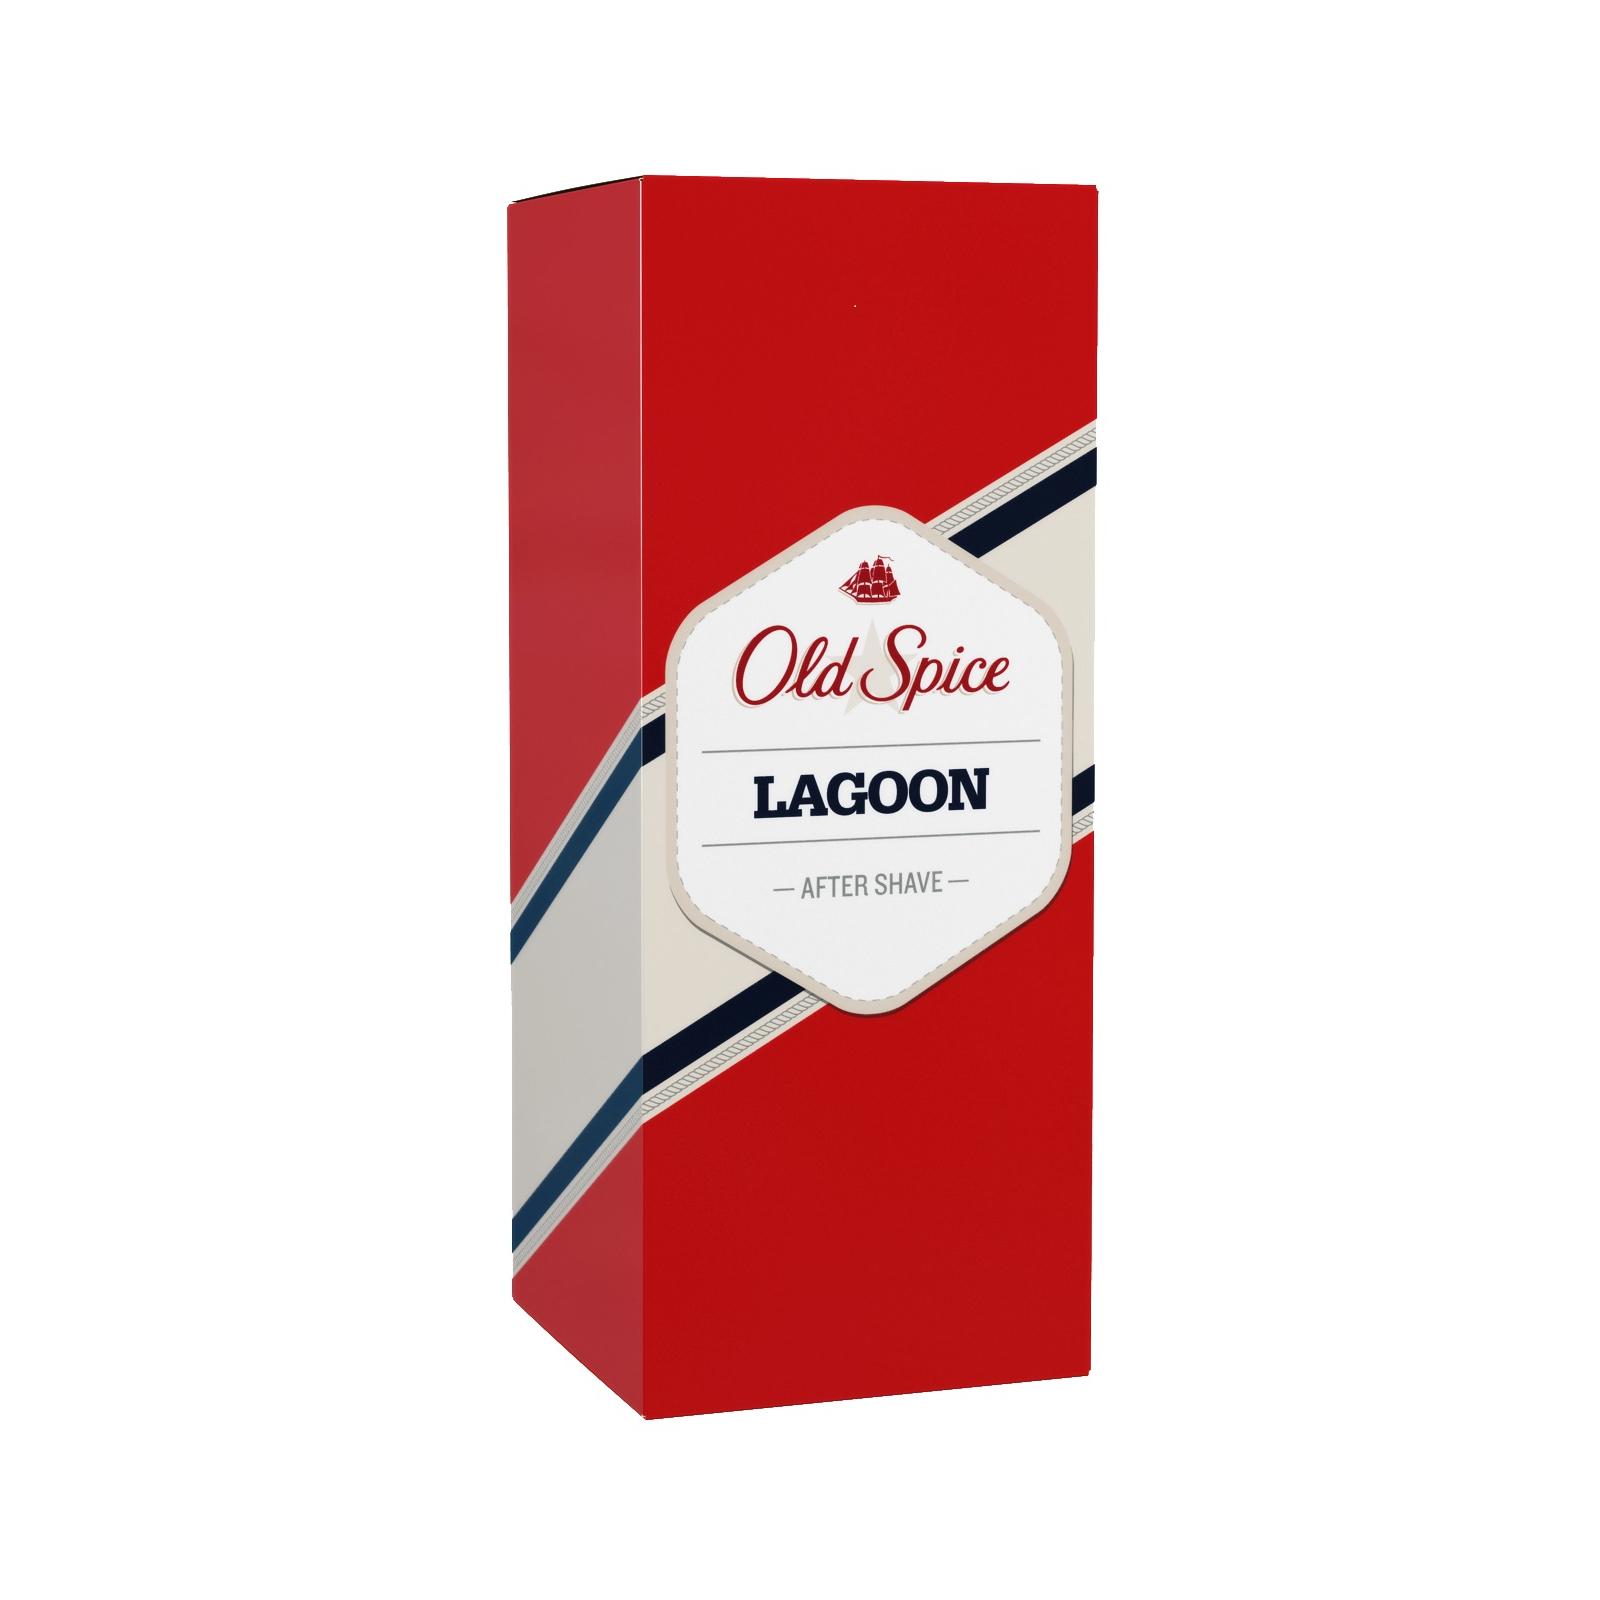 Лосьон после бритья Old Spice Lagoon 100 мл (5000174440287) изображение 2